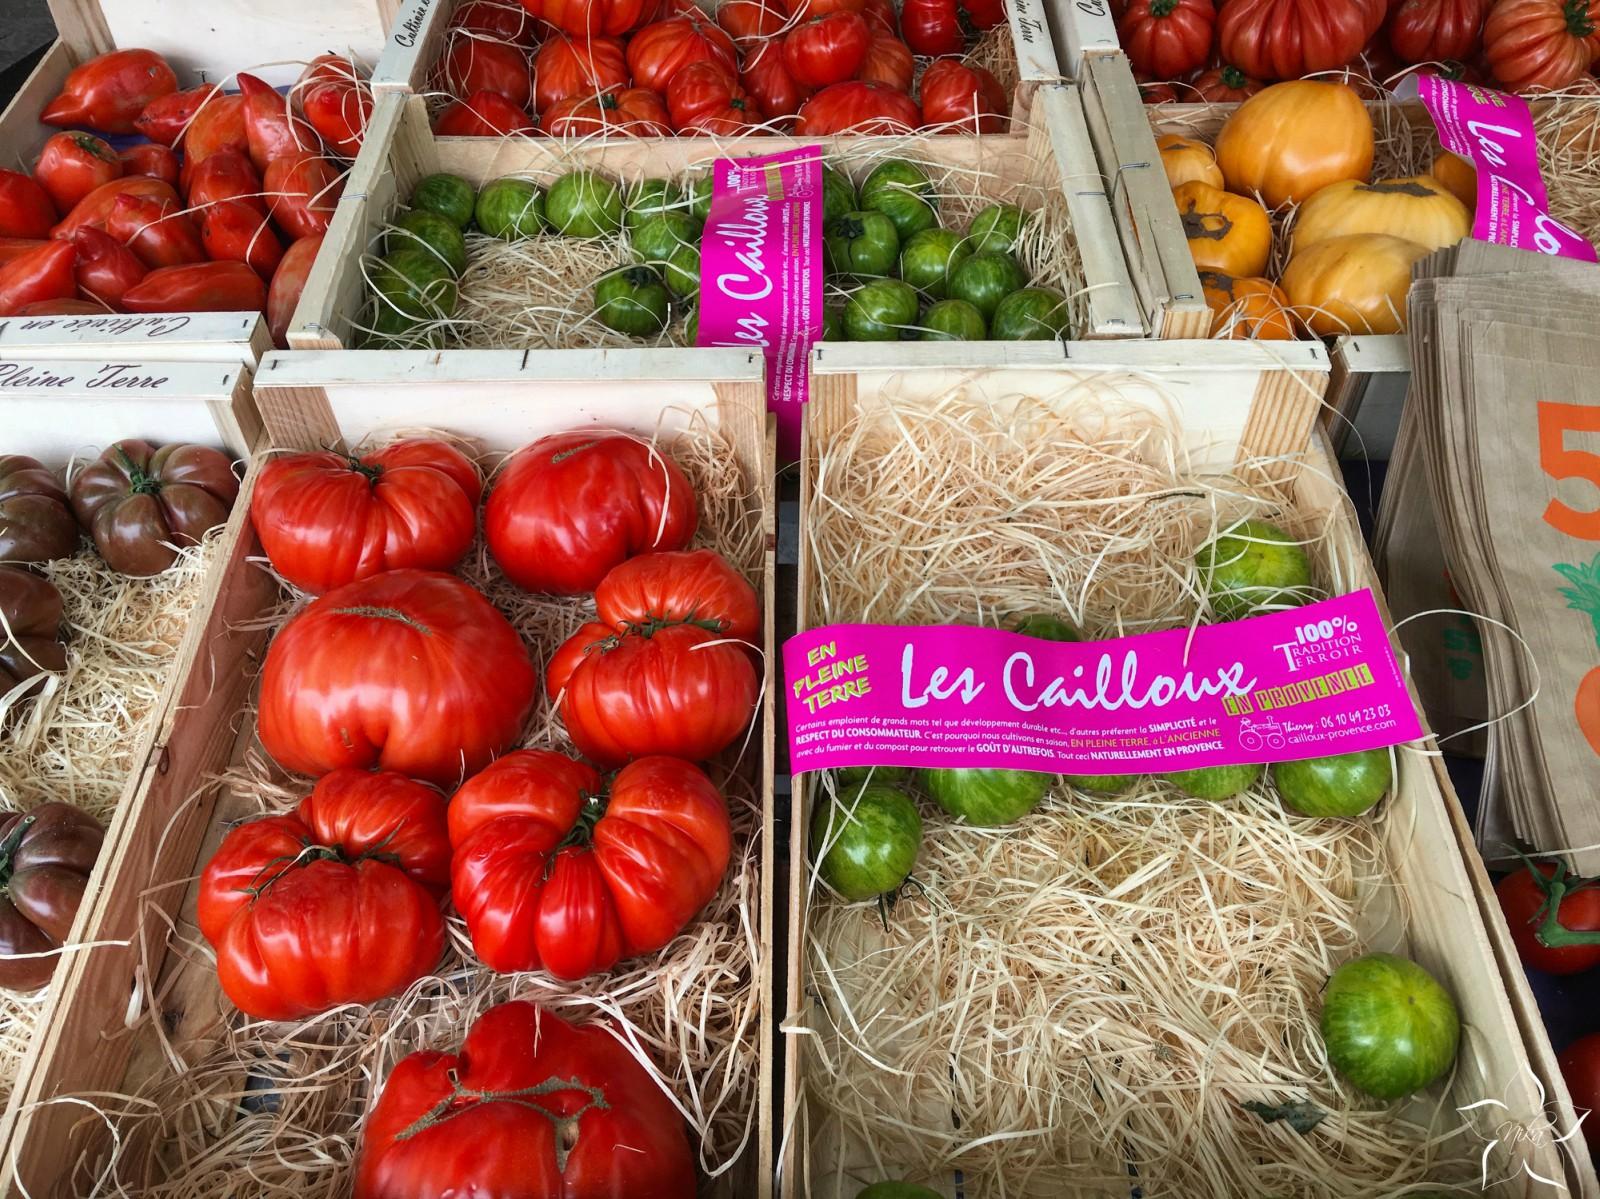 paradajky francuzsko trh